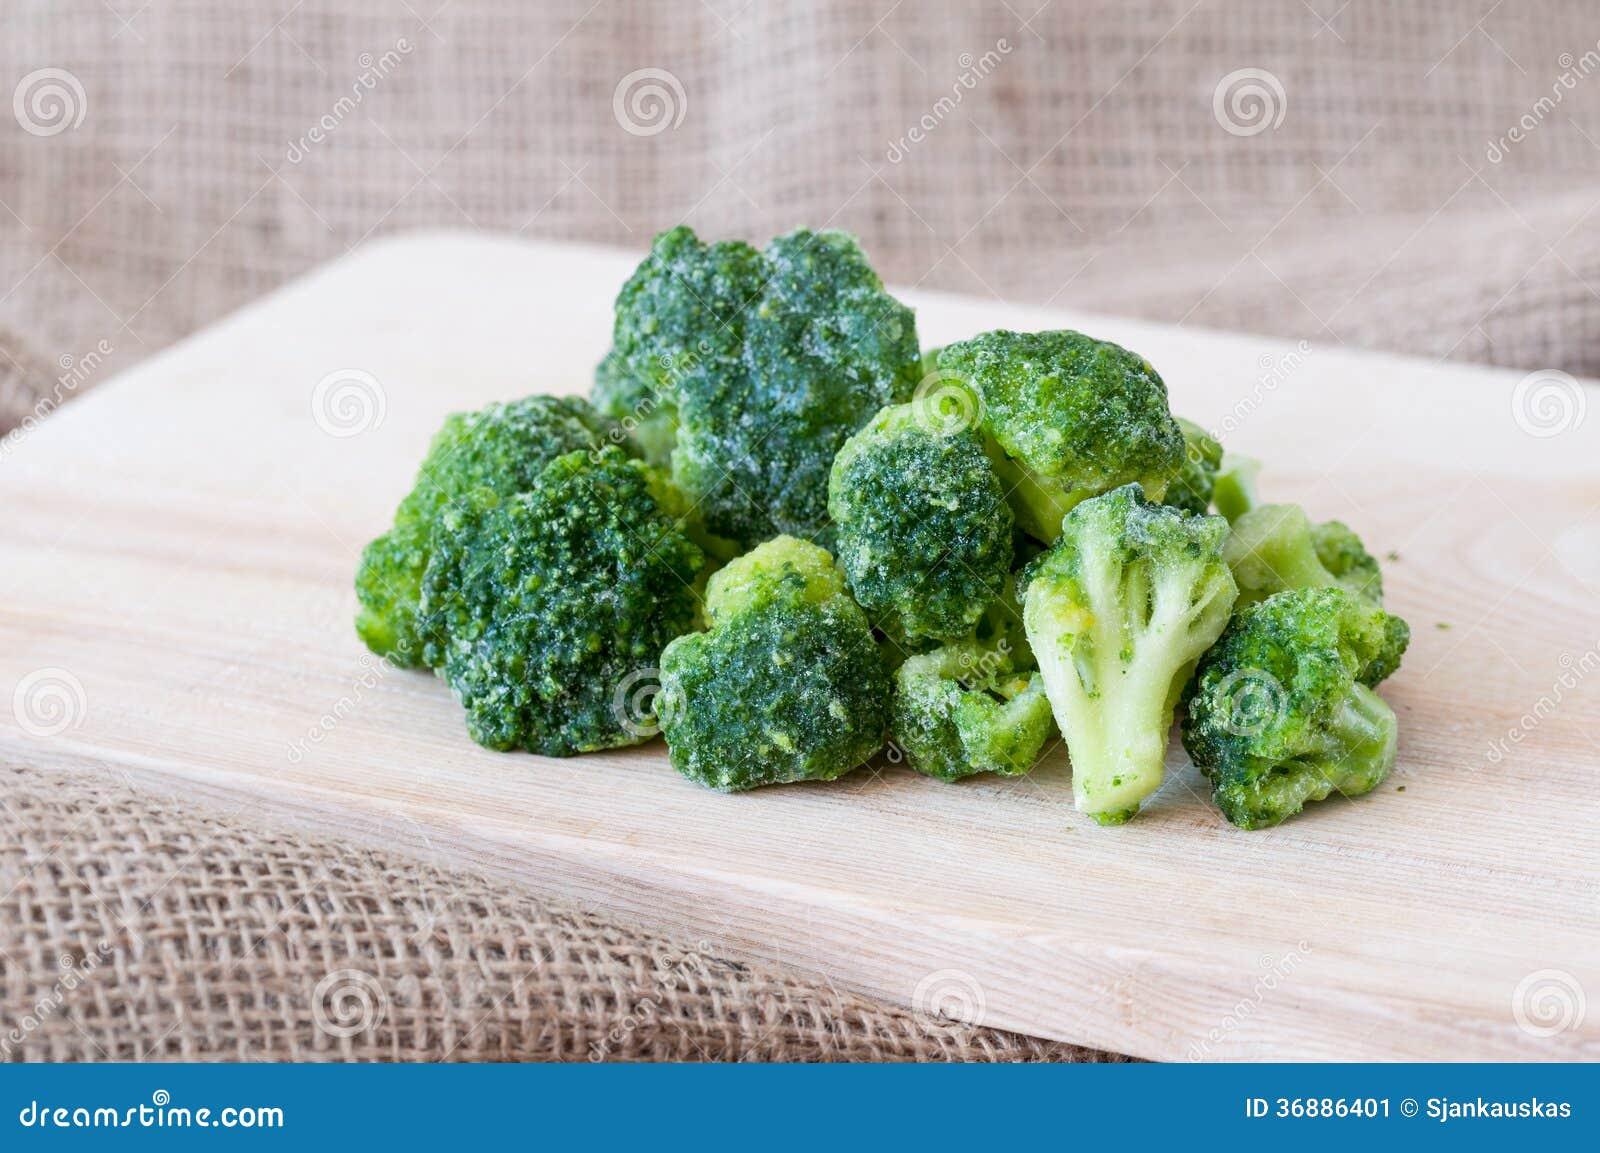 Download Broccoli congelati immagine stock. Immagine di grezzo - 36886401